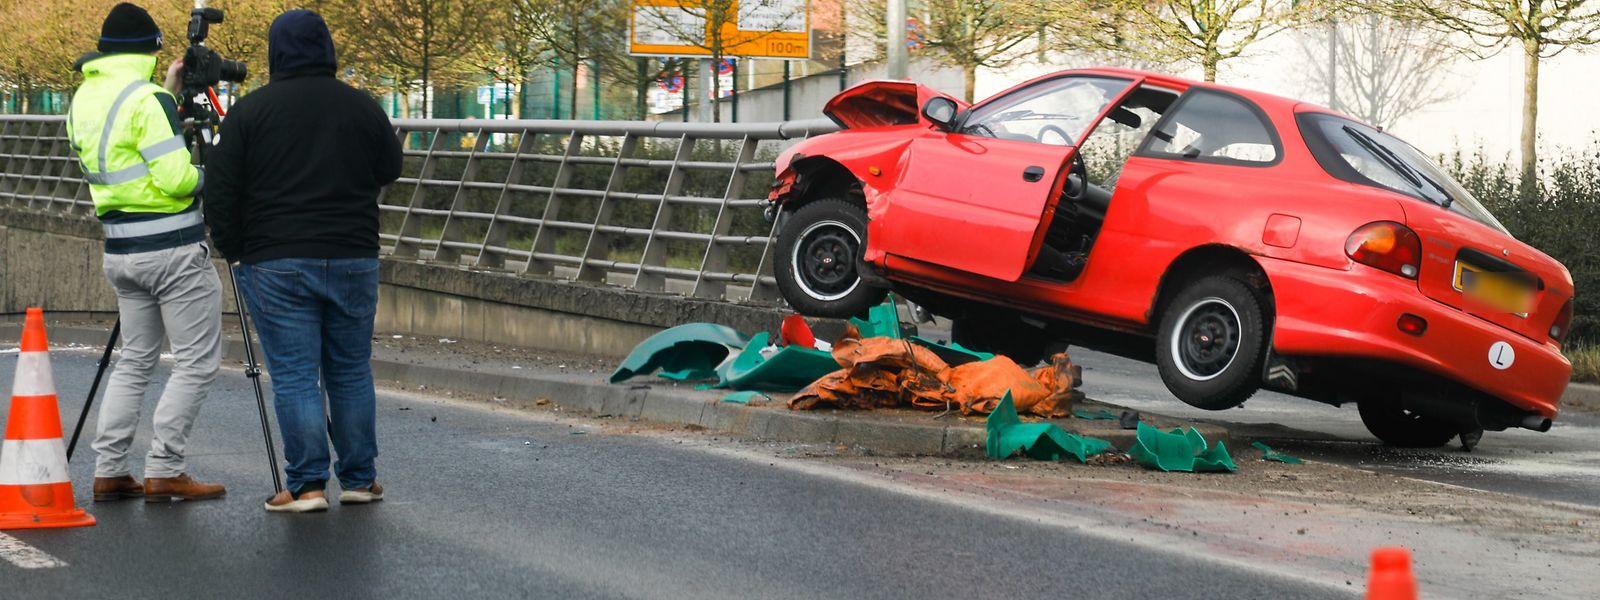 Der Unfall geschah an der Unterführung zur Autobahn A4 nach Esch/Alzette.